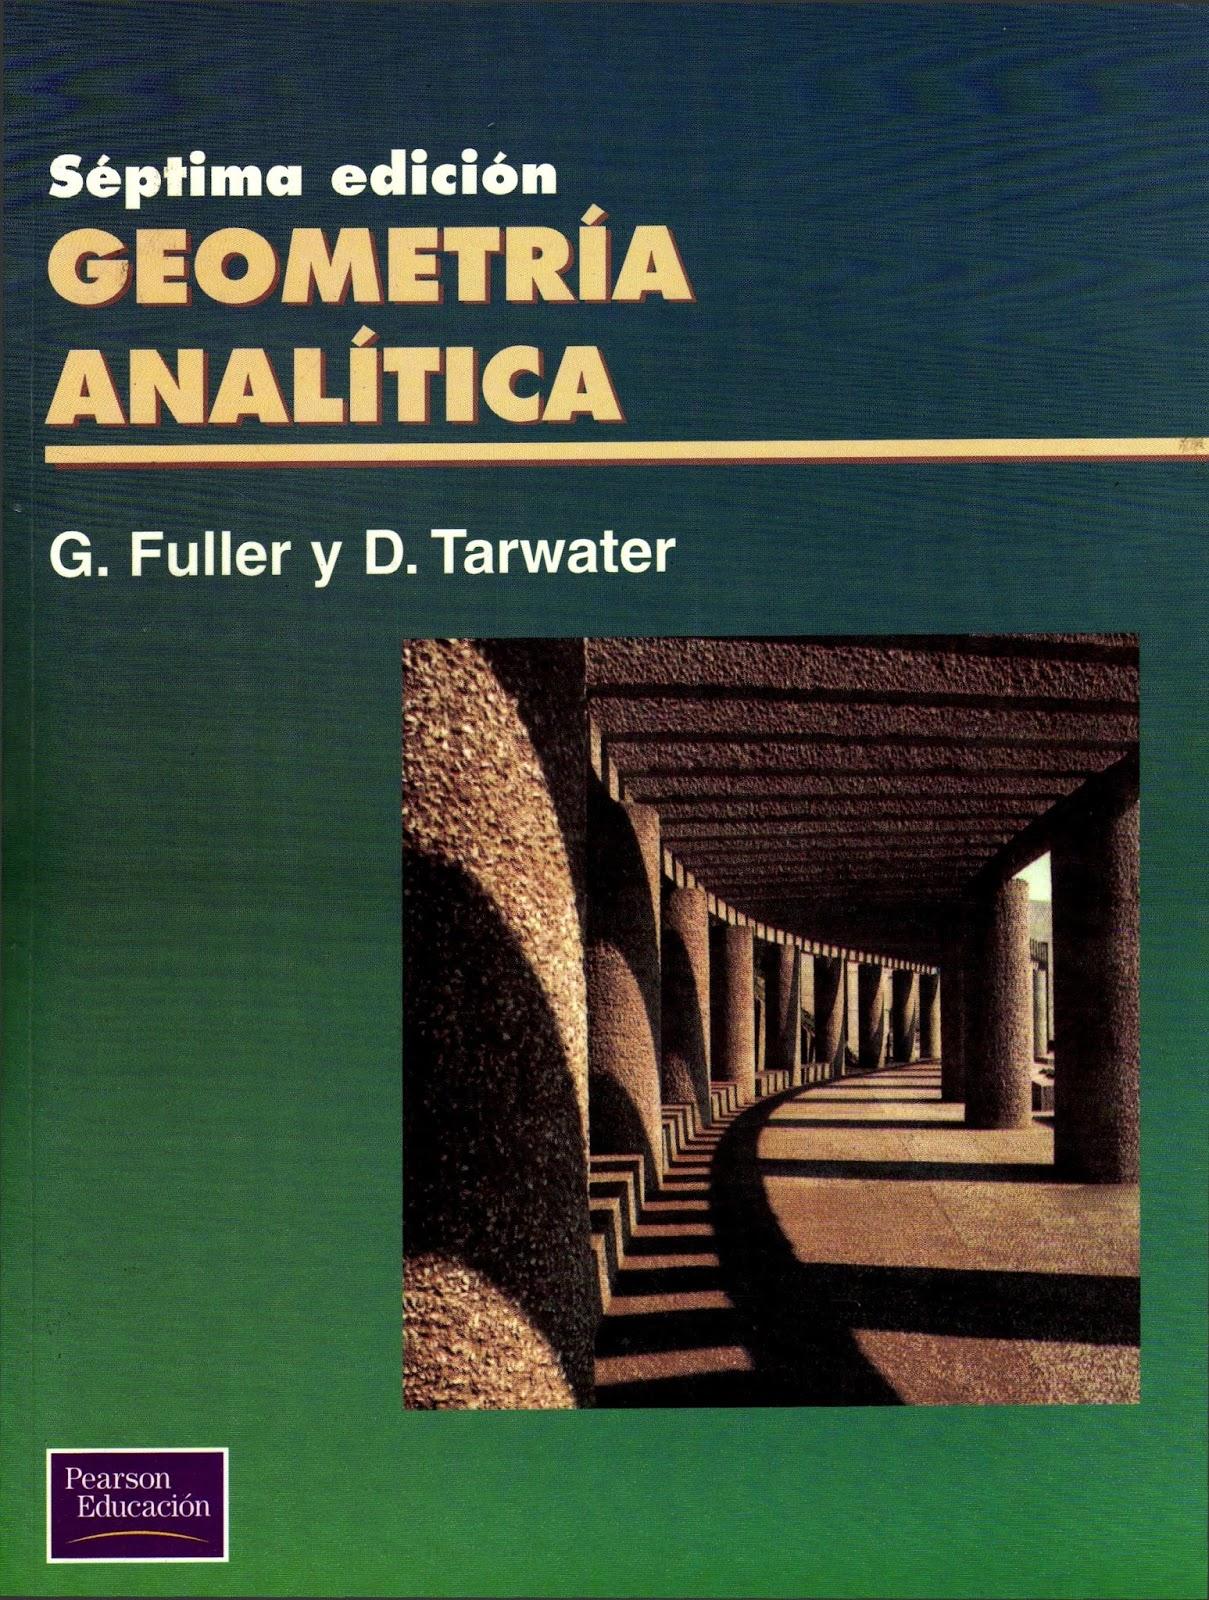 Geometría Analítica, 7ma Edición – G. Fuller y D. Tarwater